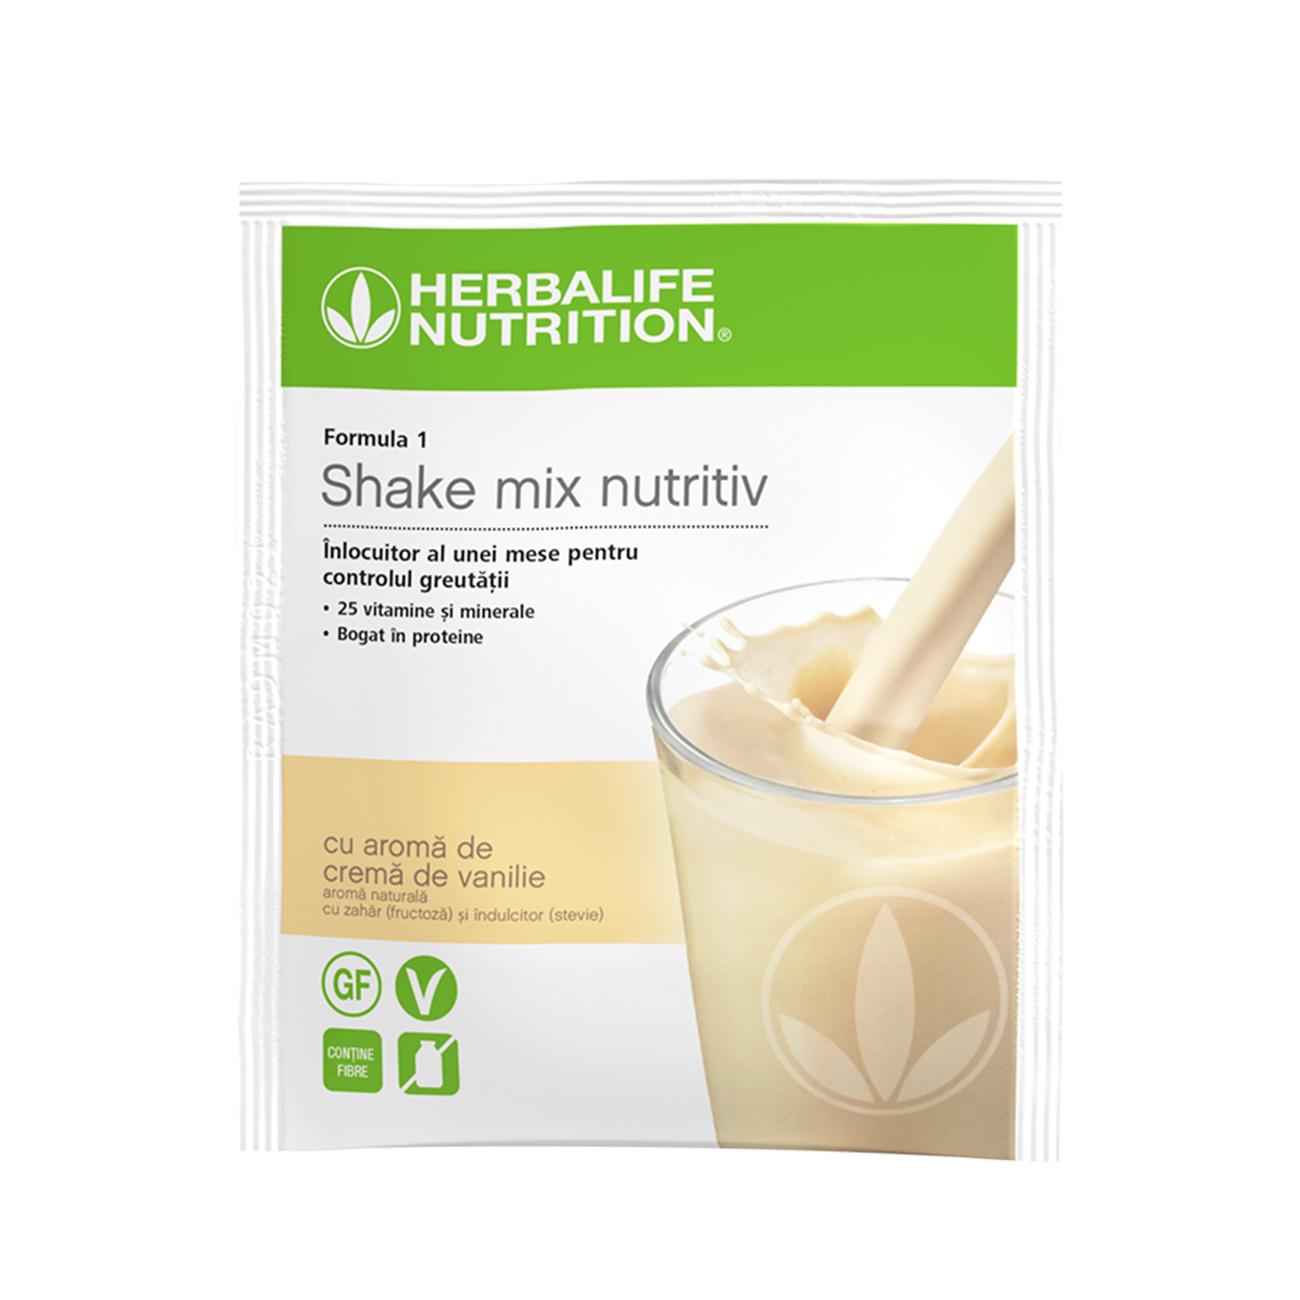 Pierde în greutate în mod eficient cu FiguActiv shake vanilie